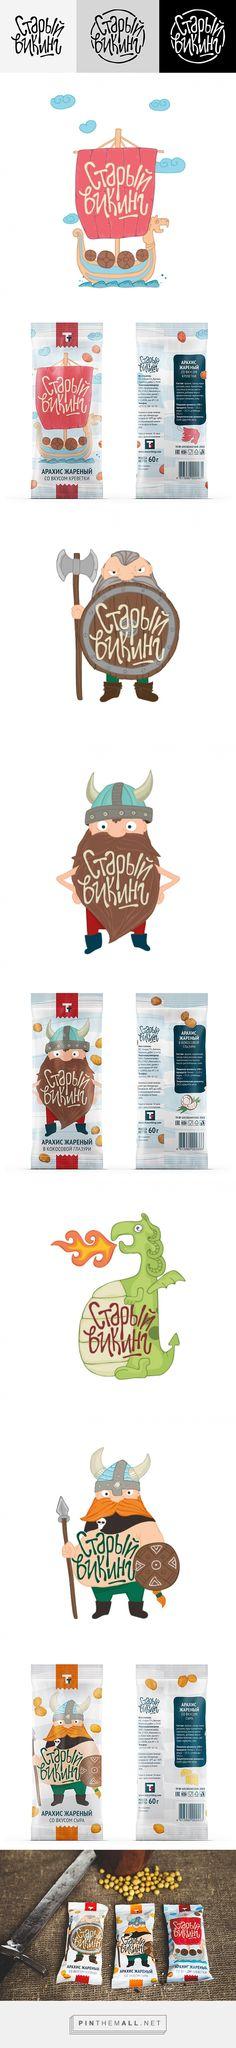 The old Viking™ / Packaging Design on Behance by Cristina Ivanova Лида, Belarus curated by Packaging Diva PD.  На начало работы с проектом у меня было только название – «Старый викинг». Хотелось уйти от привычных вещей и сделать знак более универсальным.